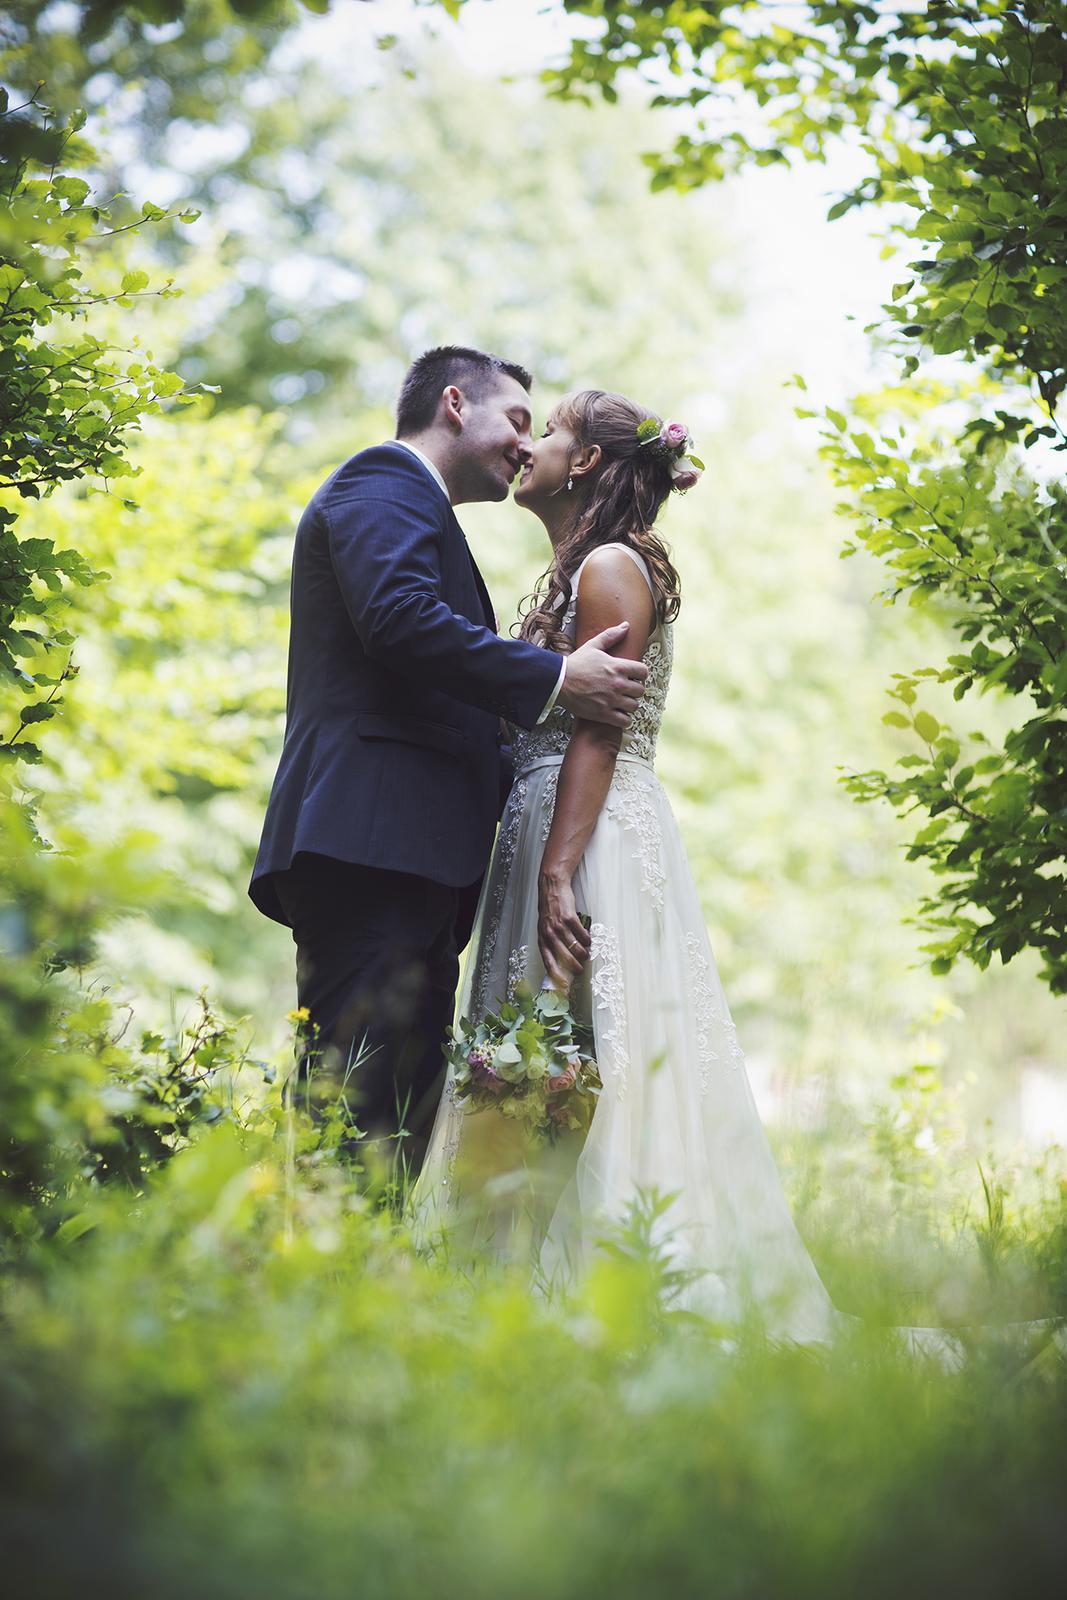 Svatba Krkonose - Obrázek č. 67